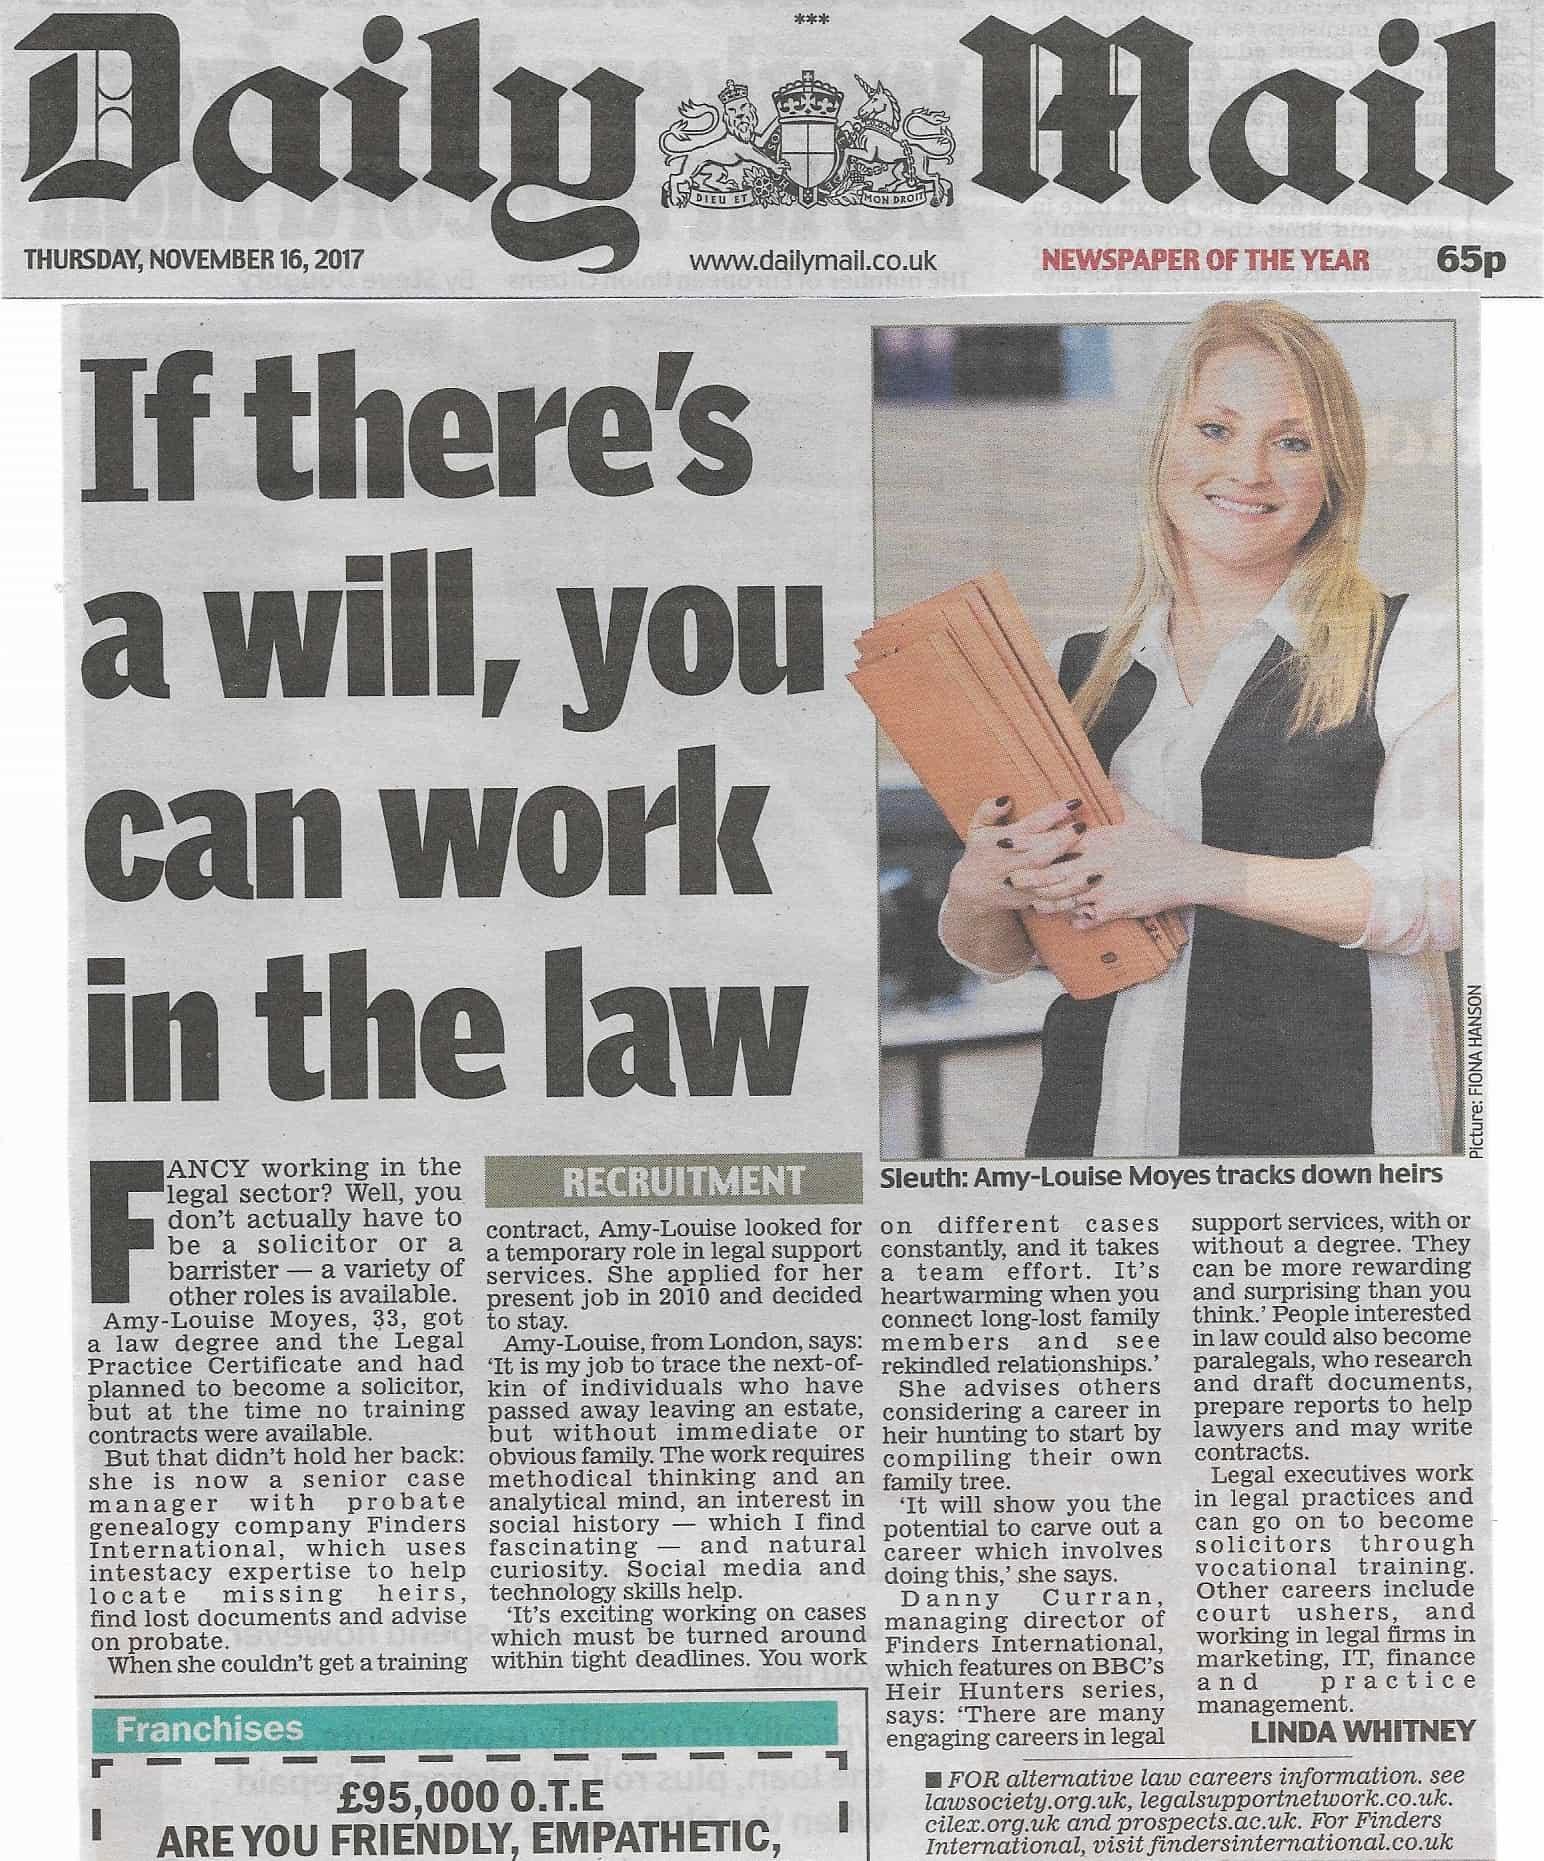 Daily Mail 16 Nov 2017